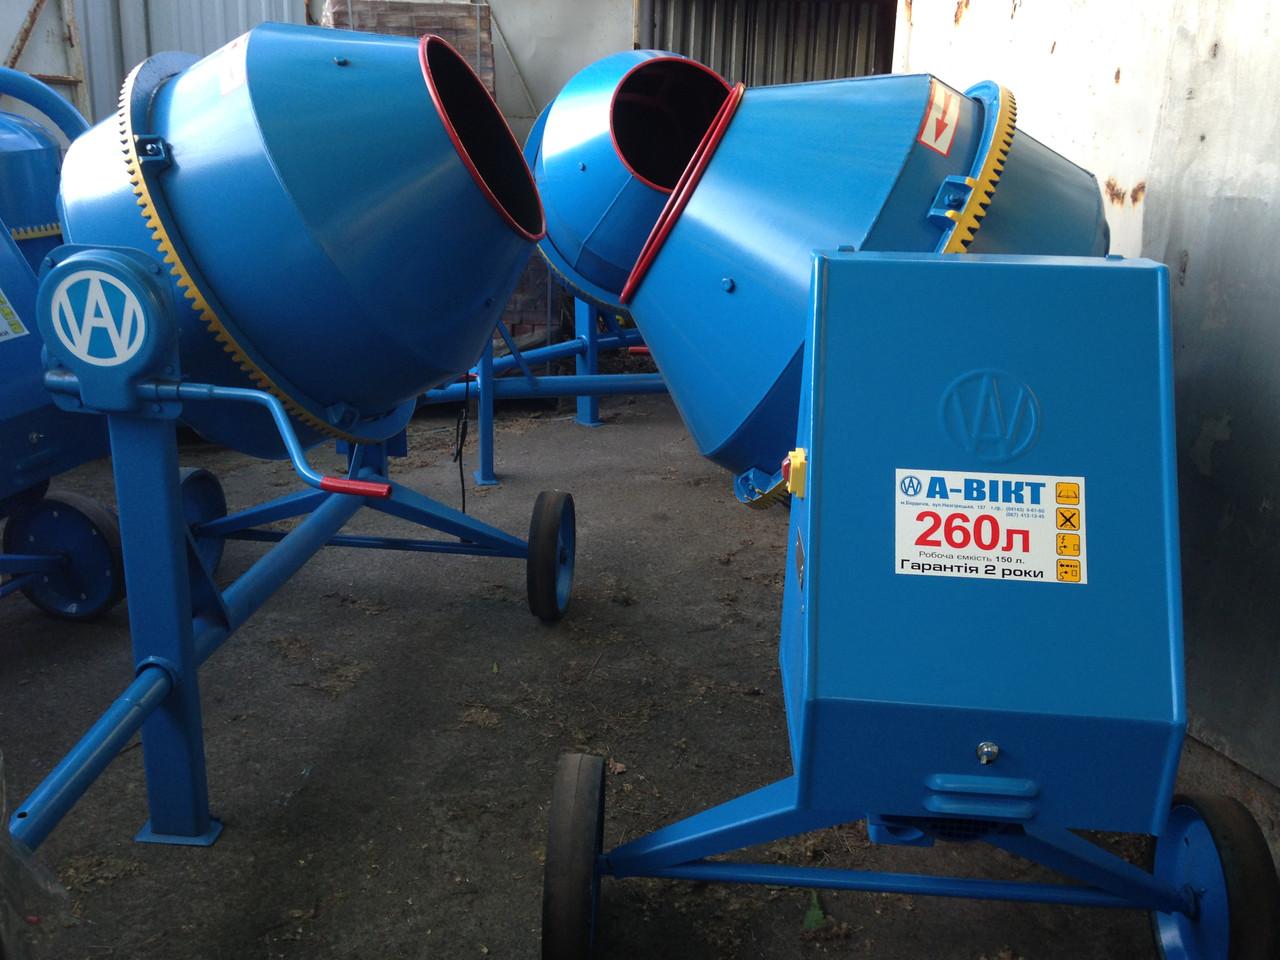 Бетономешалка А-Викт BWA 260/150 литров на 220 Вольт